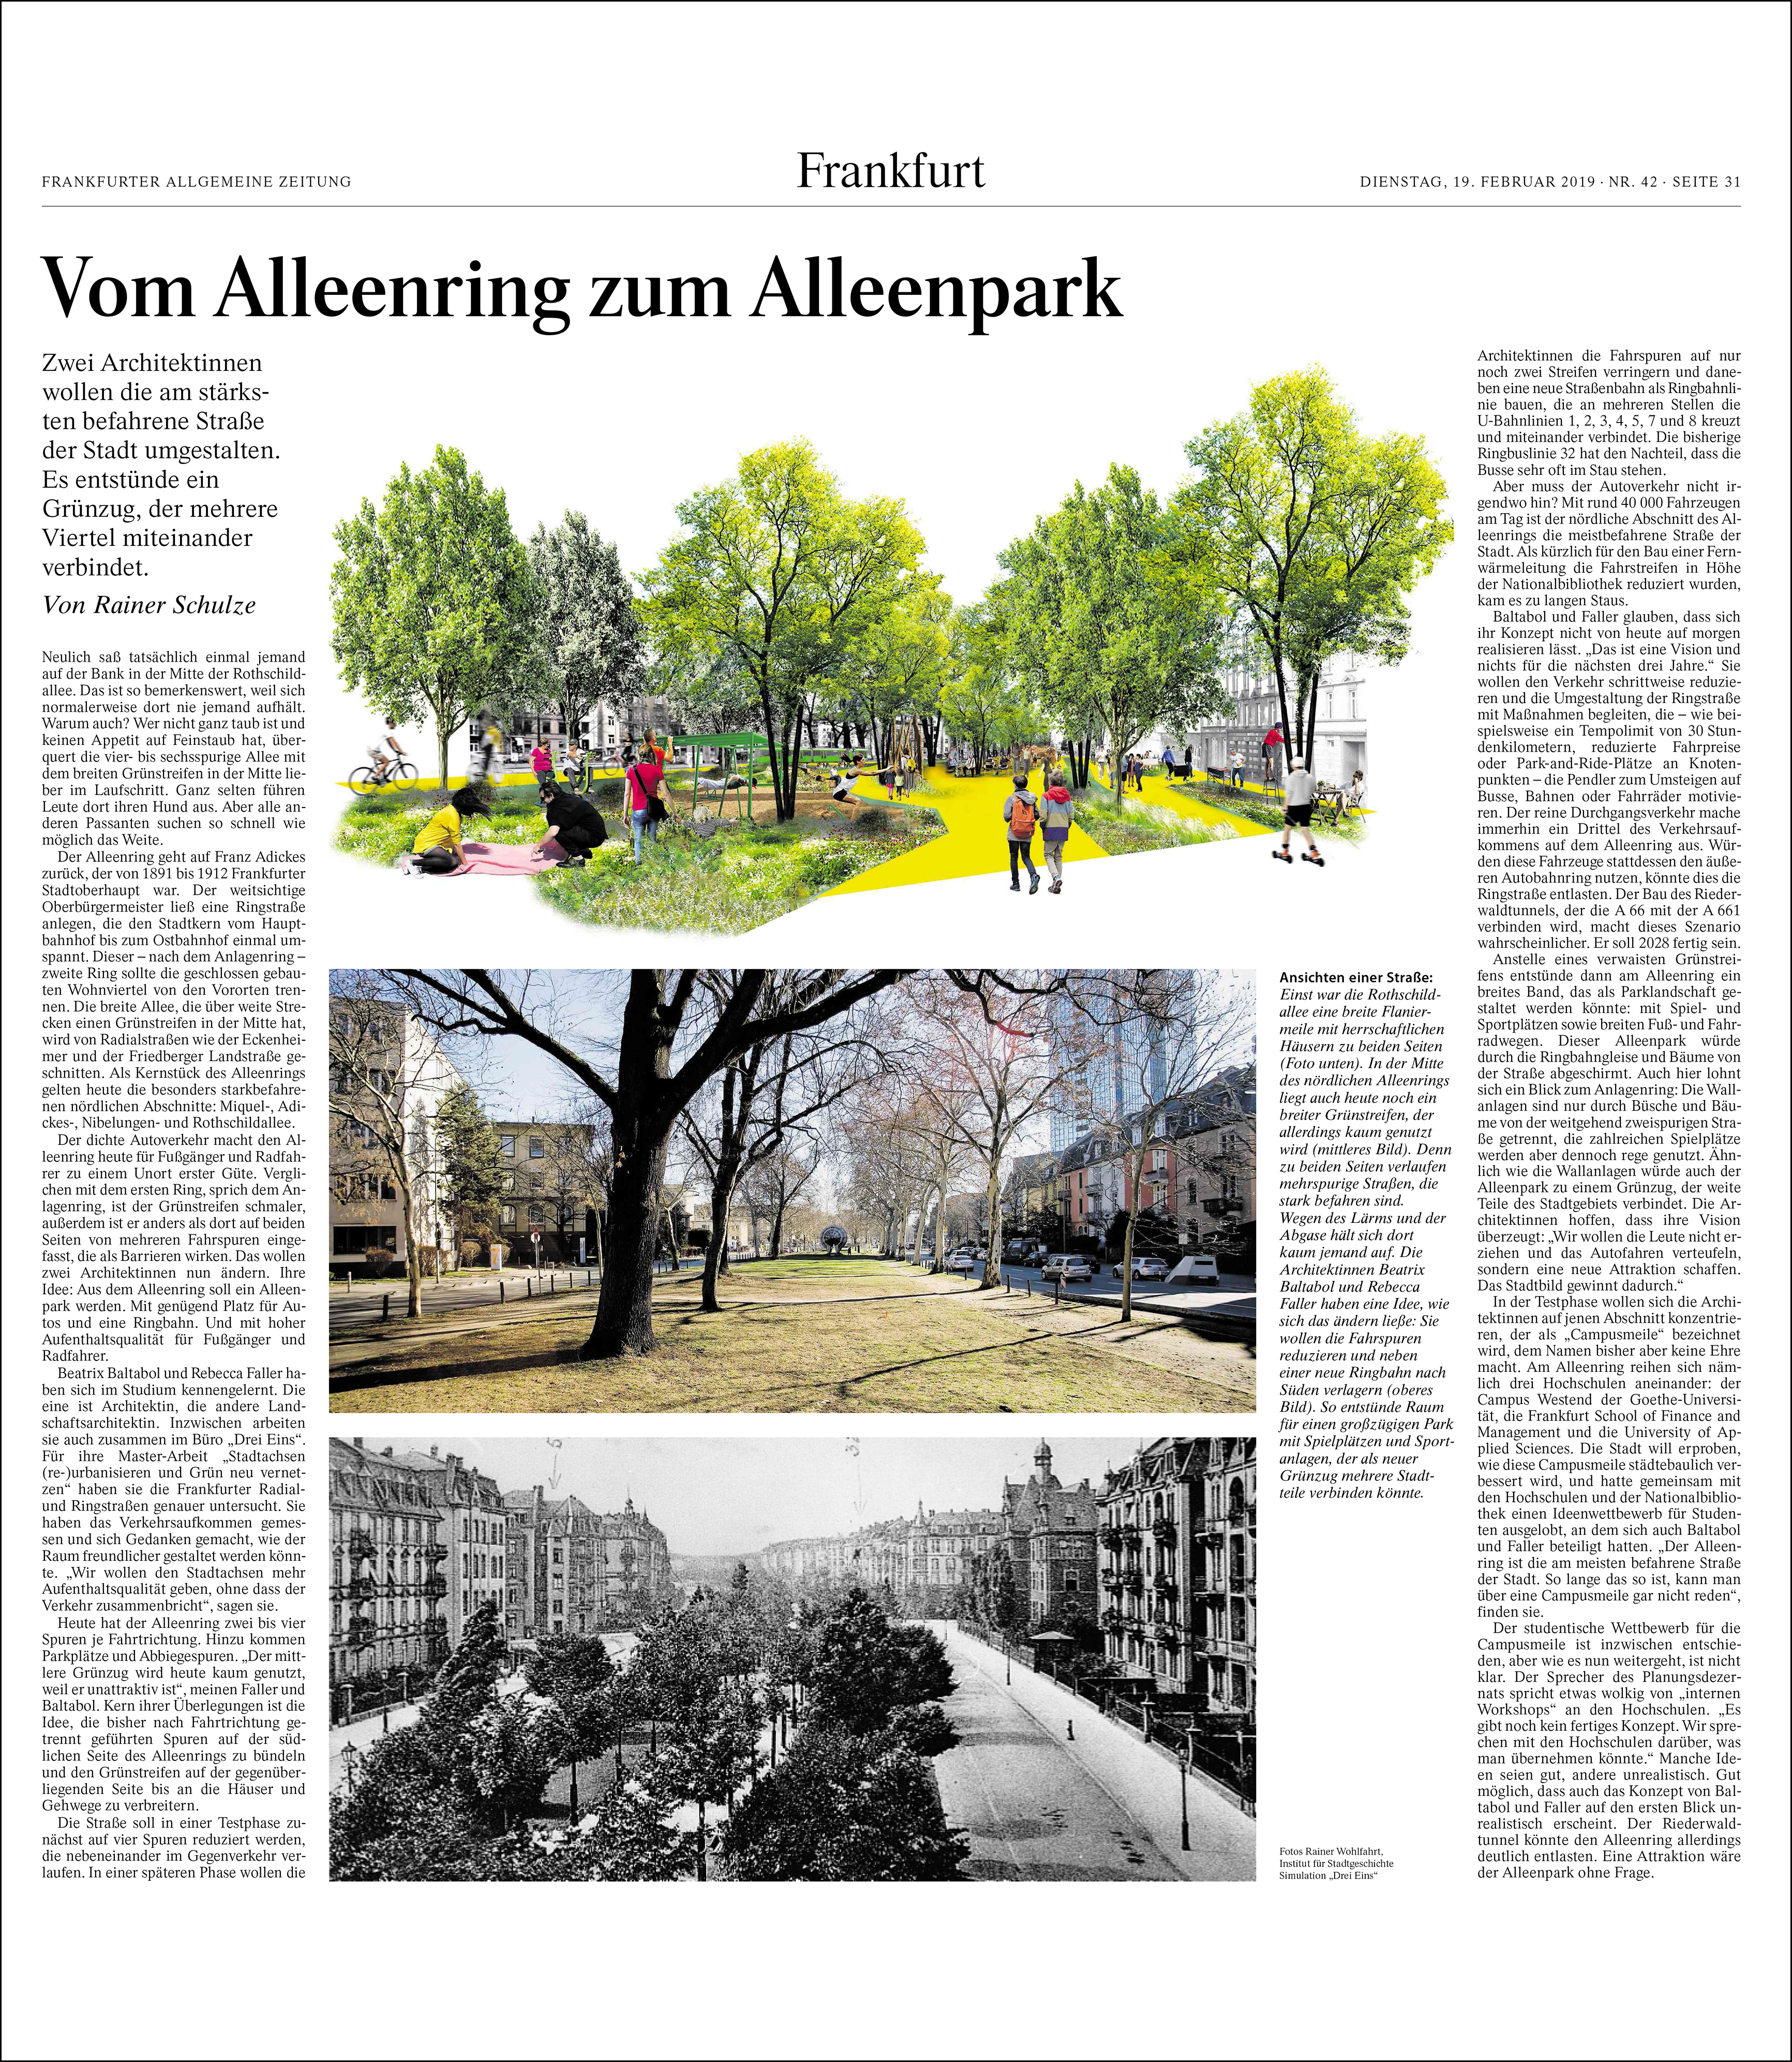 """Drei Eins – Architektur- und Stadtplanungsbüro in Frankfurt F.A.Z. Rhein-Main-Zeitung """"Vom Alleenring zum Alleenpark"""" Copy"""